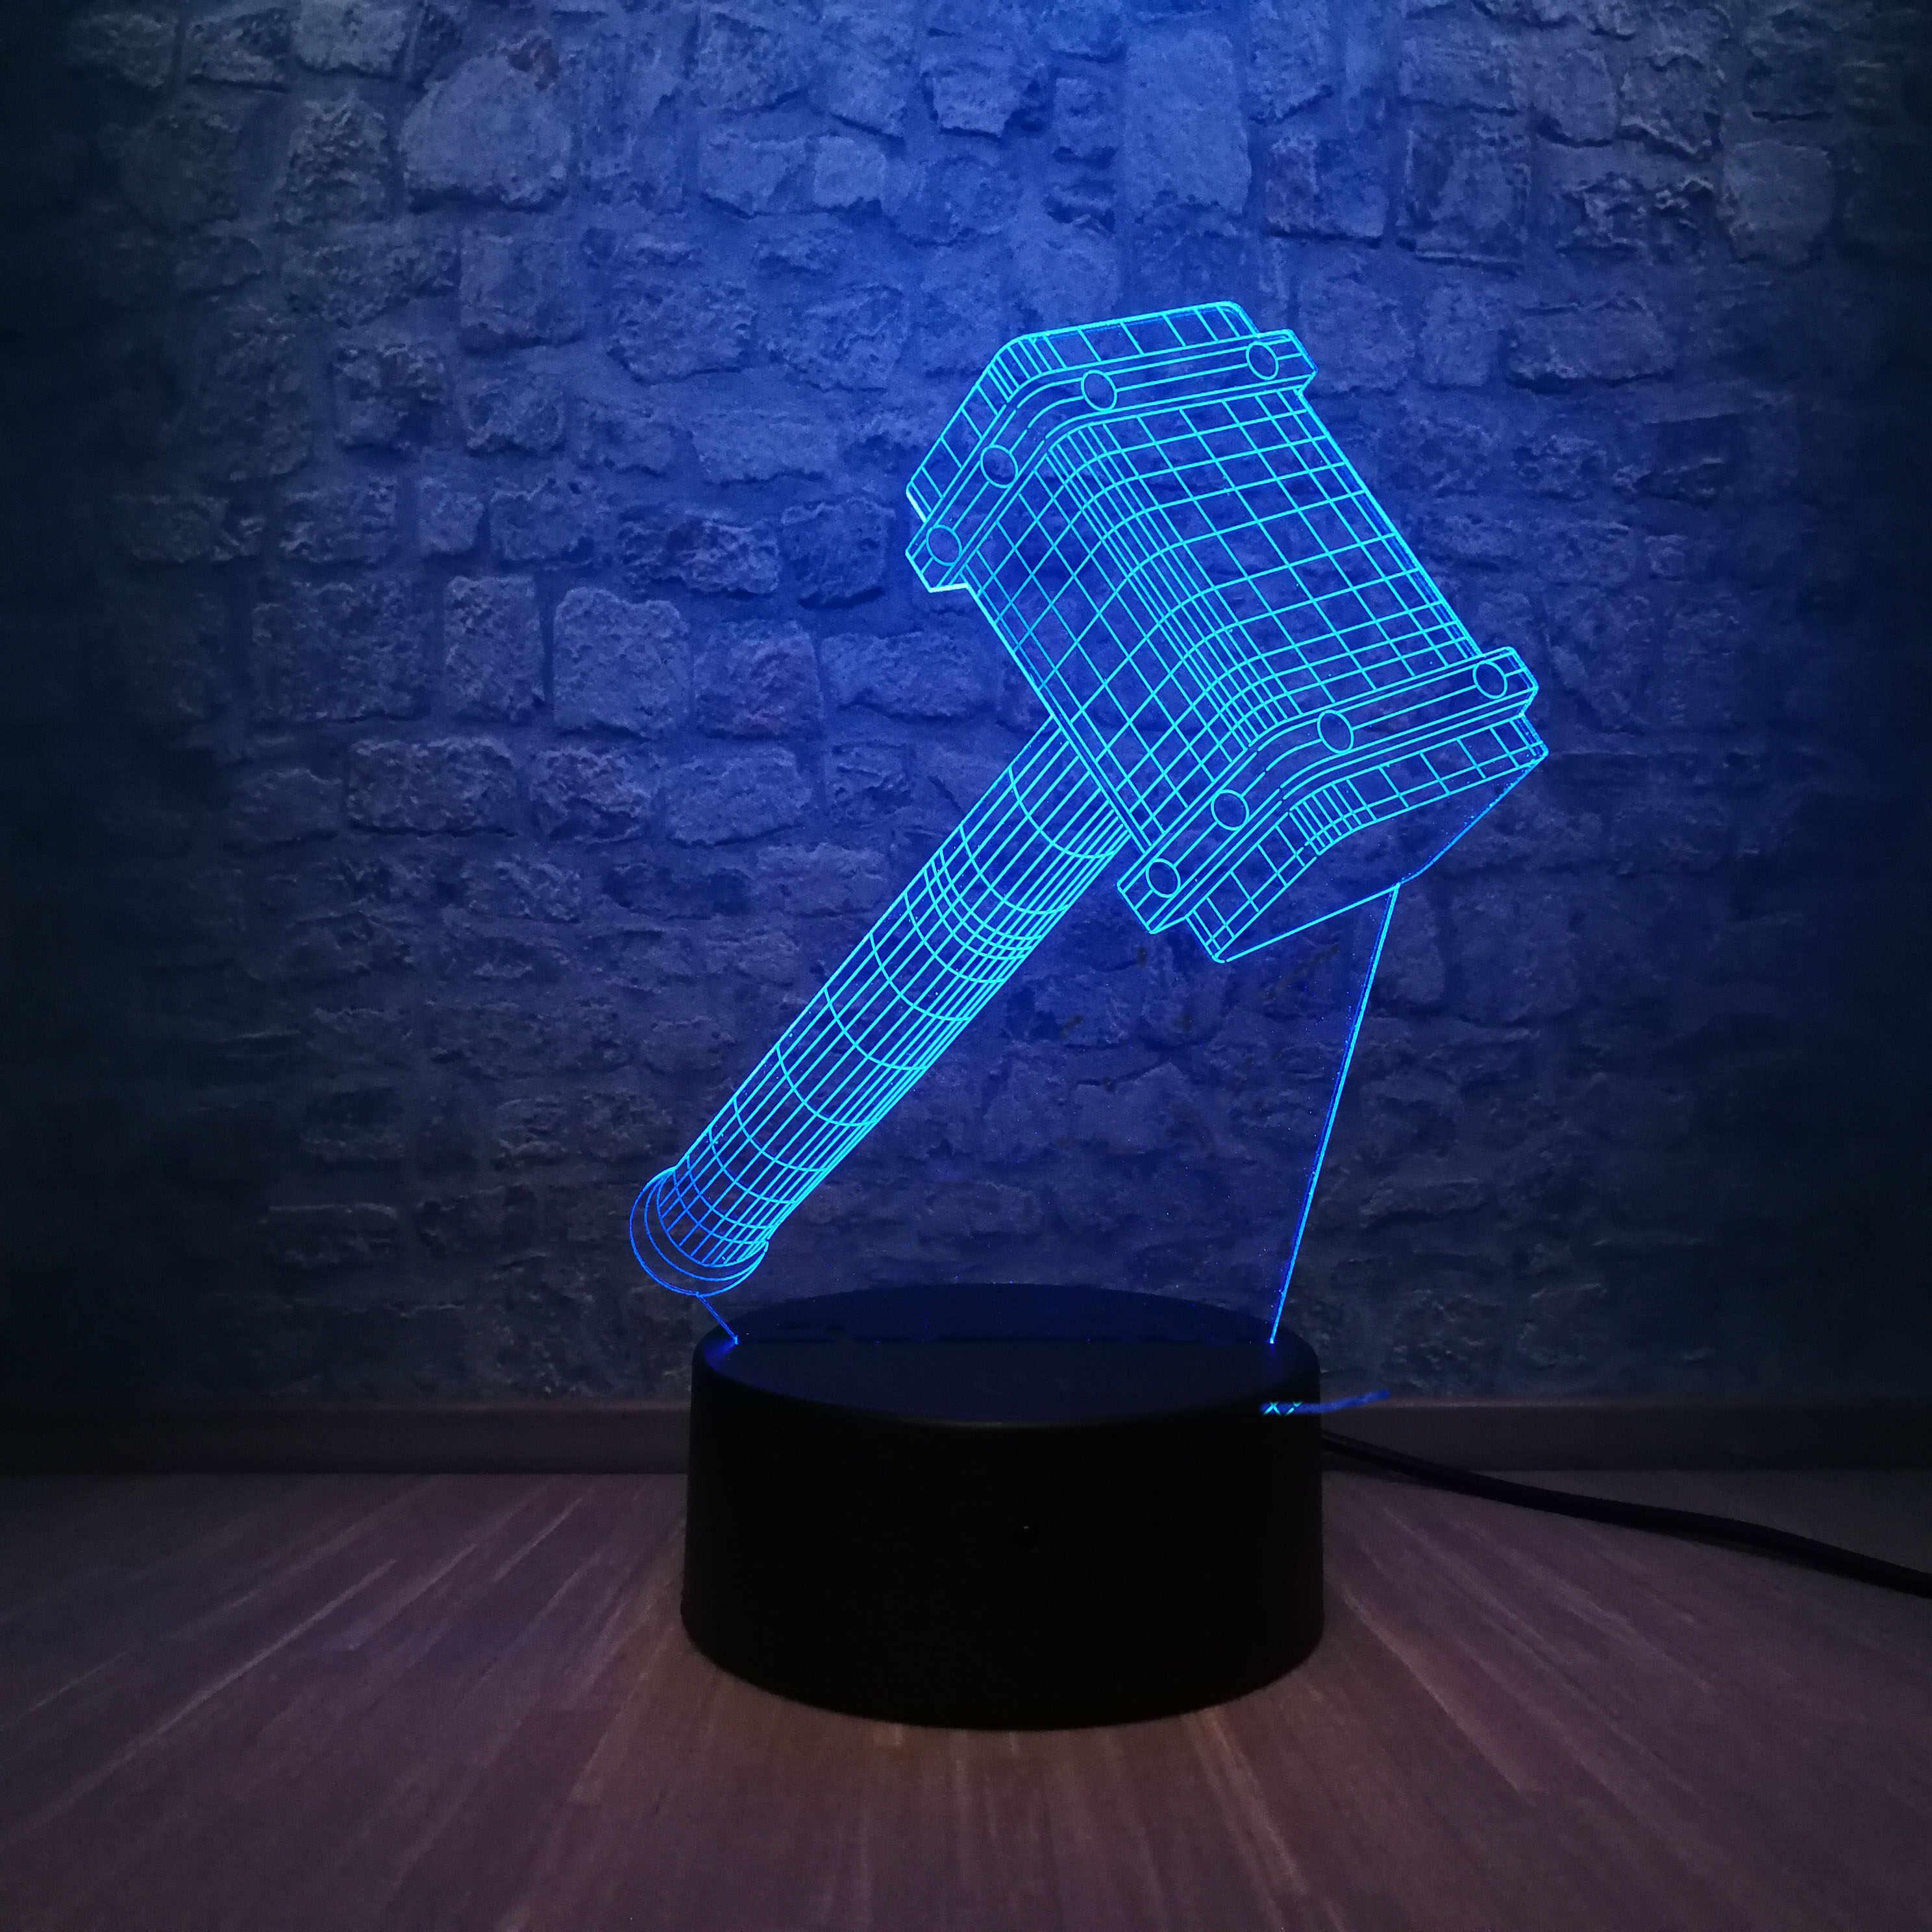 Juguetes dormitorio héroe Multicolor 3D figura niño navidad Thor LED RGB regalo noche Avengers Super iluminación Marvel dormir luz lámpara chico VqSzMUp